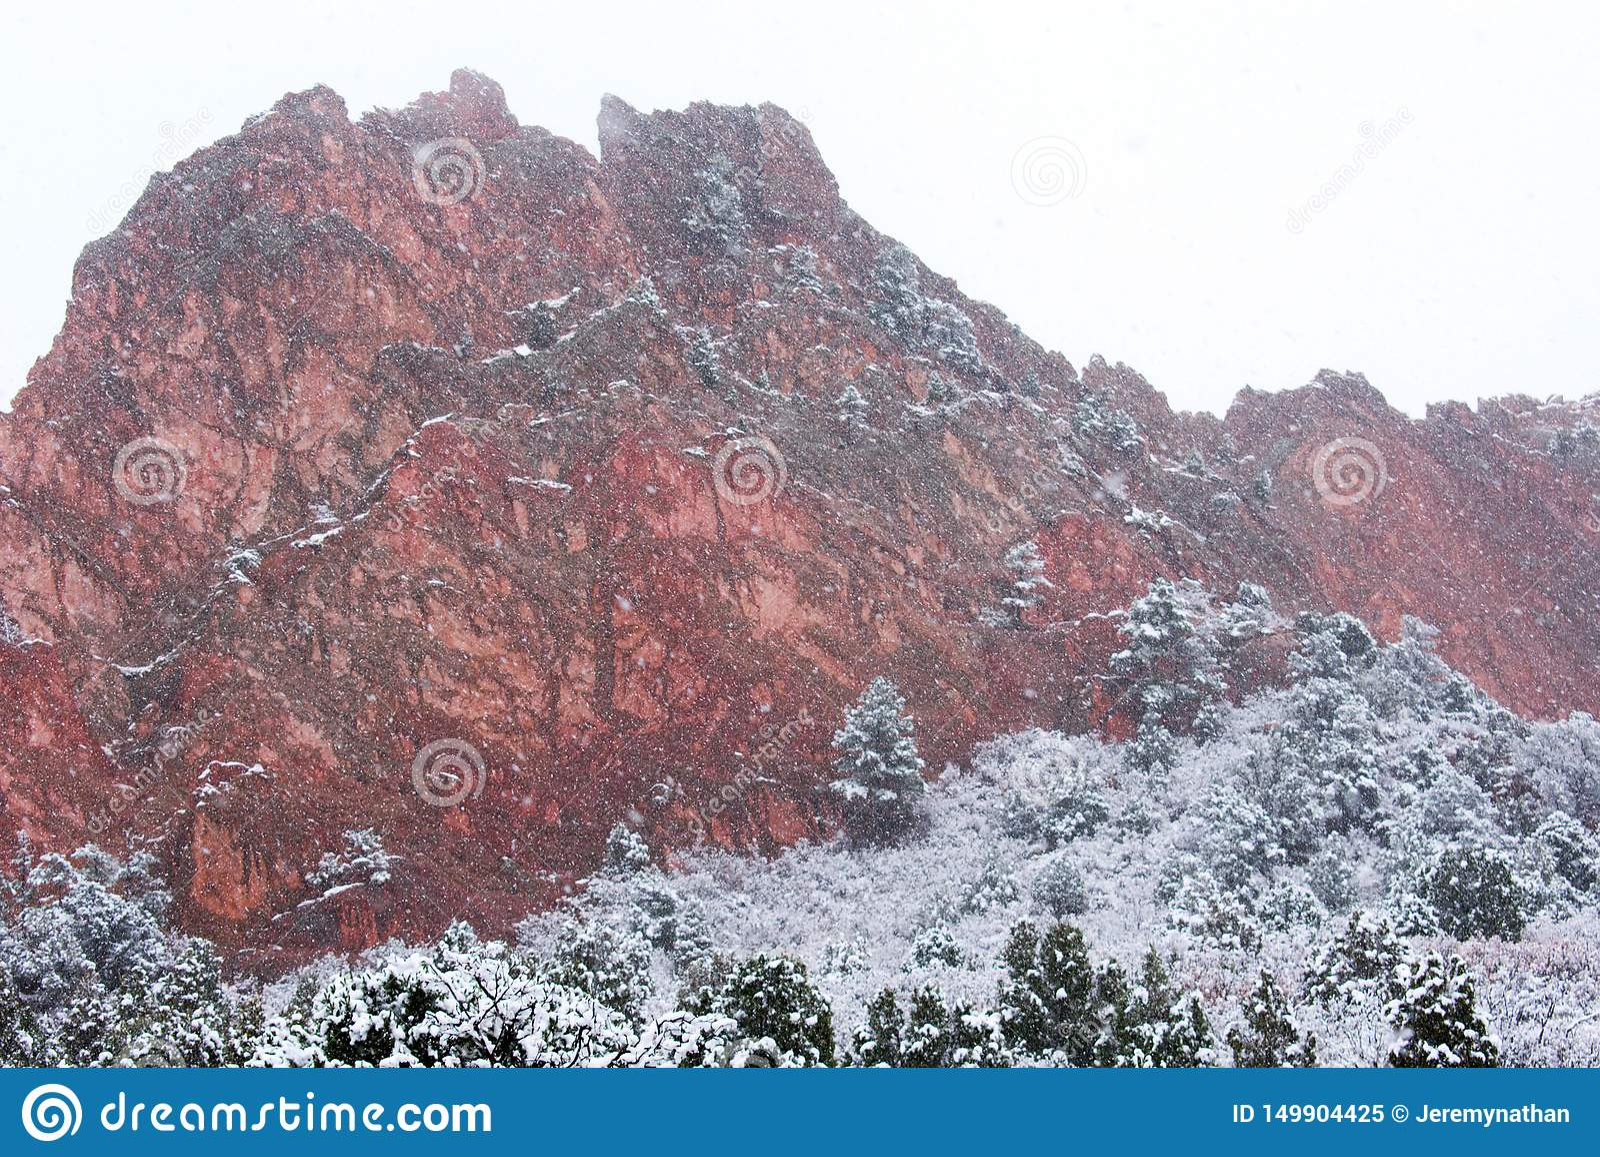 Garden Of The Gods Colorado Springs In The Snow Stock